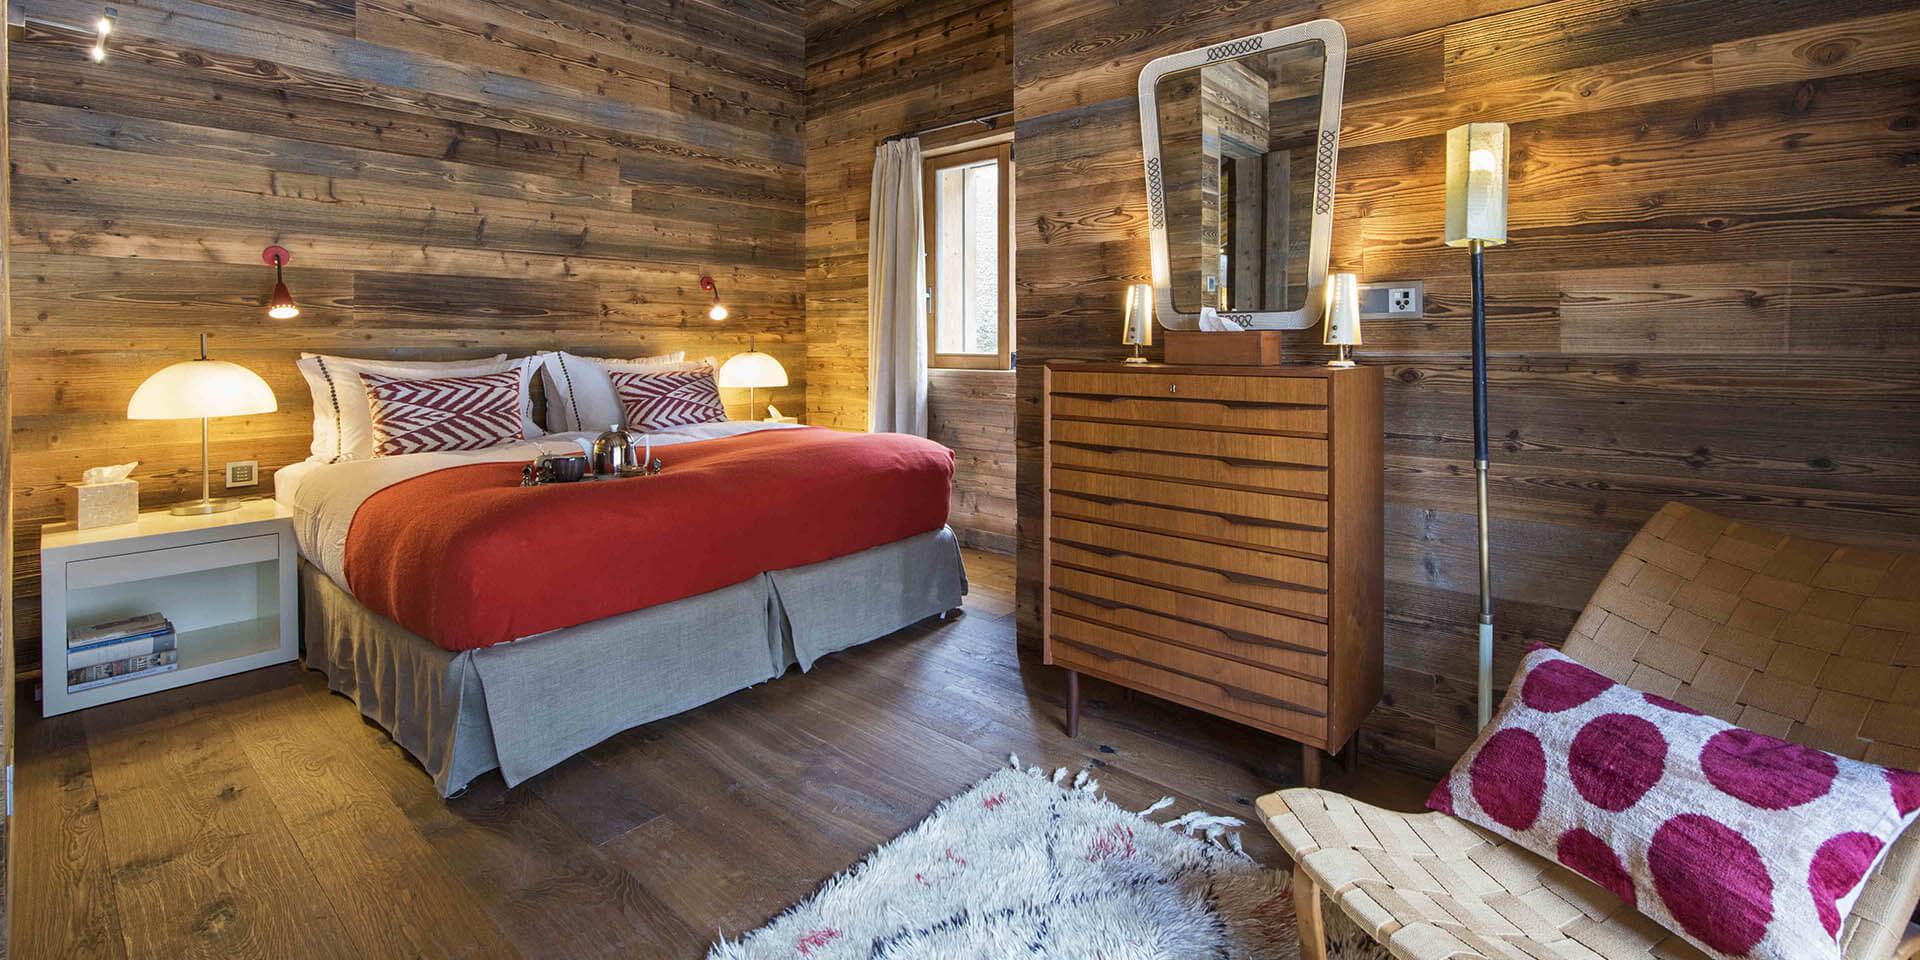 Appartement Place Blanche Verbier Les 4 Vallees Zwitserland wintersport skivakantie luxe slaapkamer 2-persoonsbed fauteuil vloerkleed houten kast